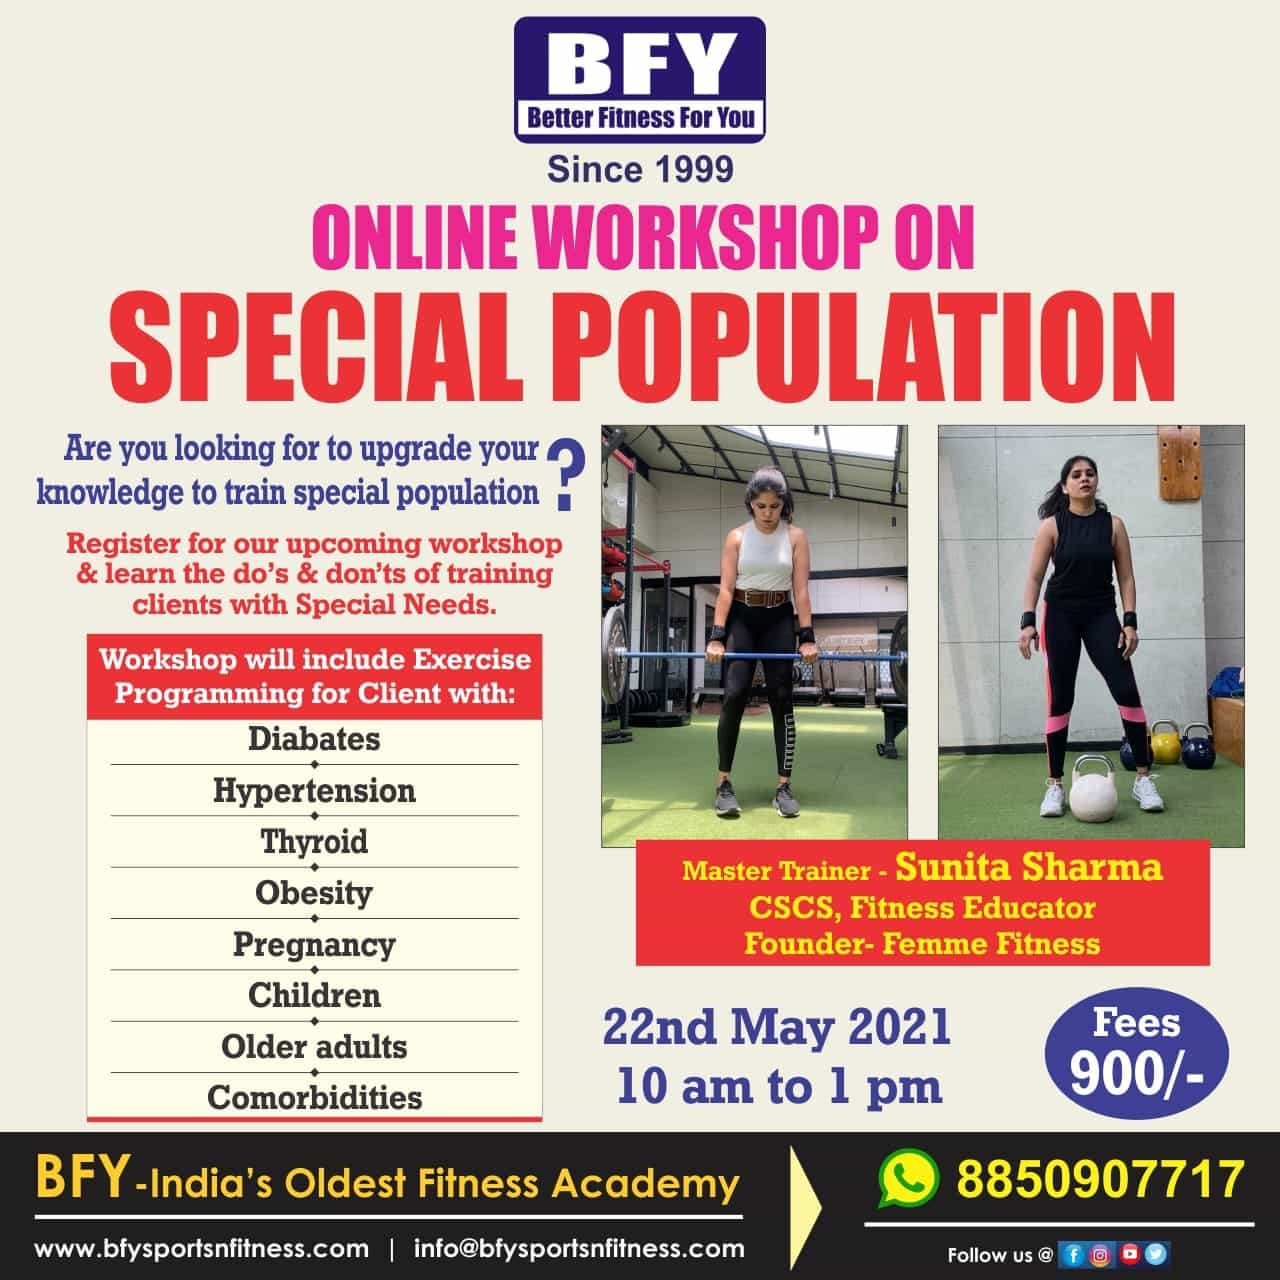 Special Population workshop